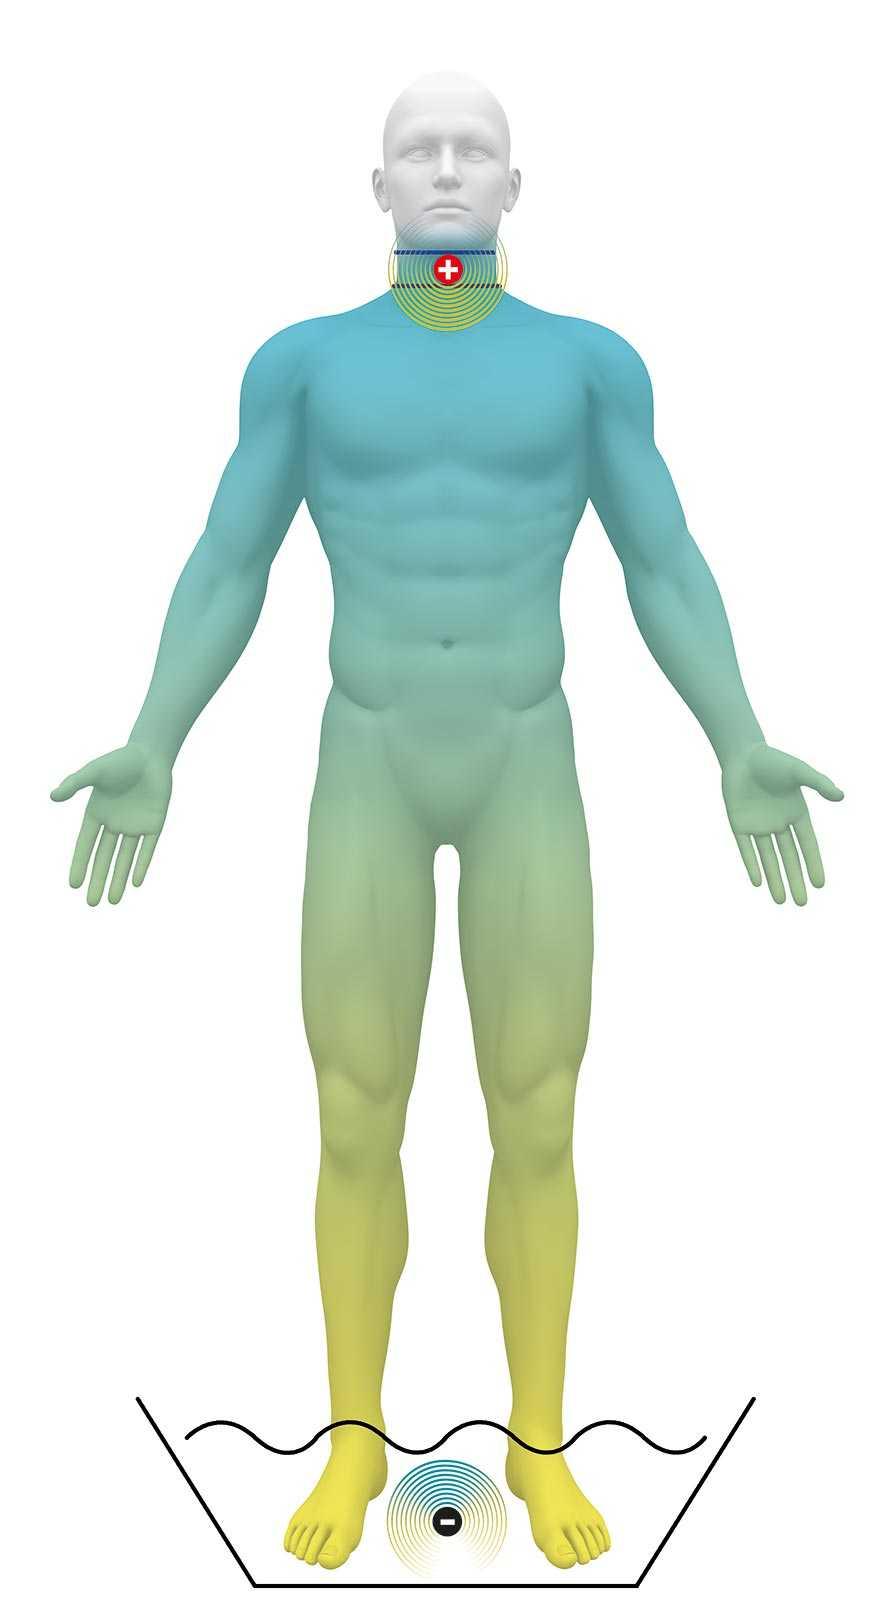 Mann steht mit den Füssen im Wasserbad und hat eine Elektrode am Hals